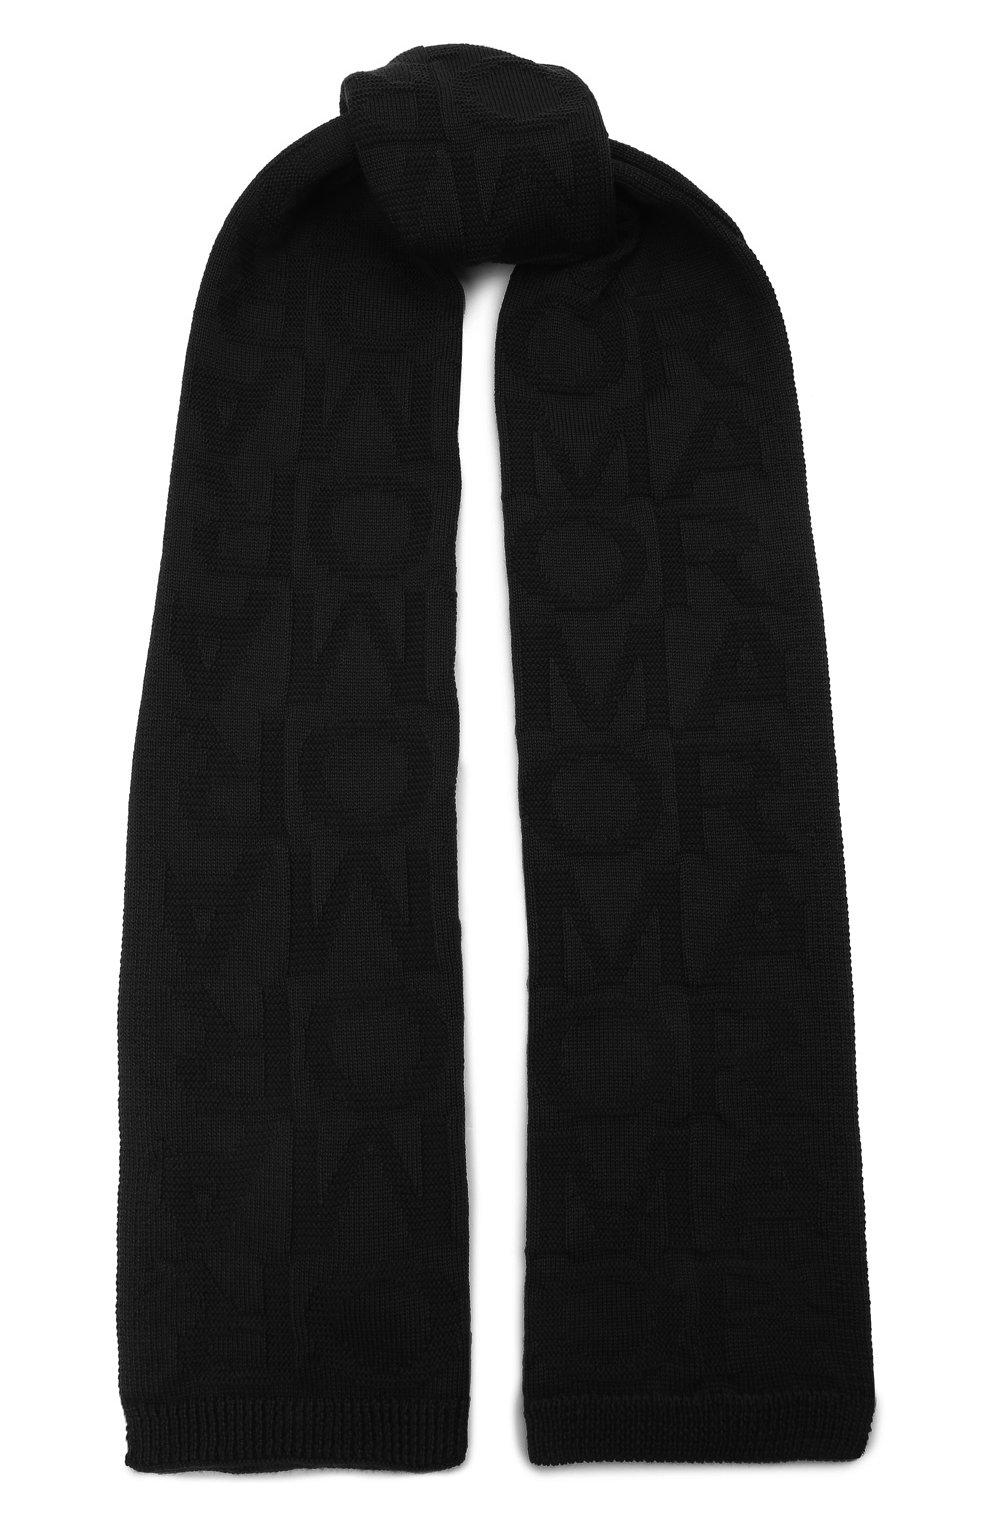 Детский комплект из шапки и шарфа EMPORIO ARMANI черного цвета, арт. 407512/1A762 | Фото 4 (Материал: Текстиль, Шерсть, Синтетический материал)